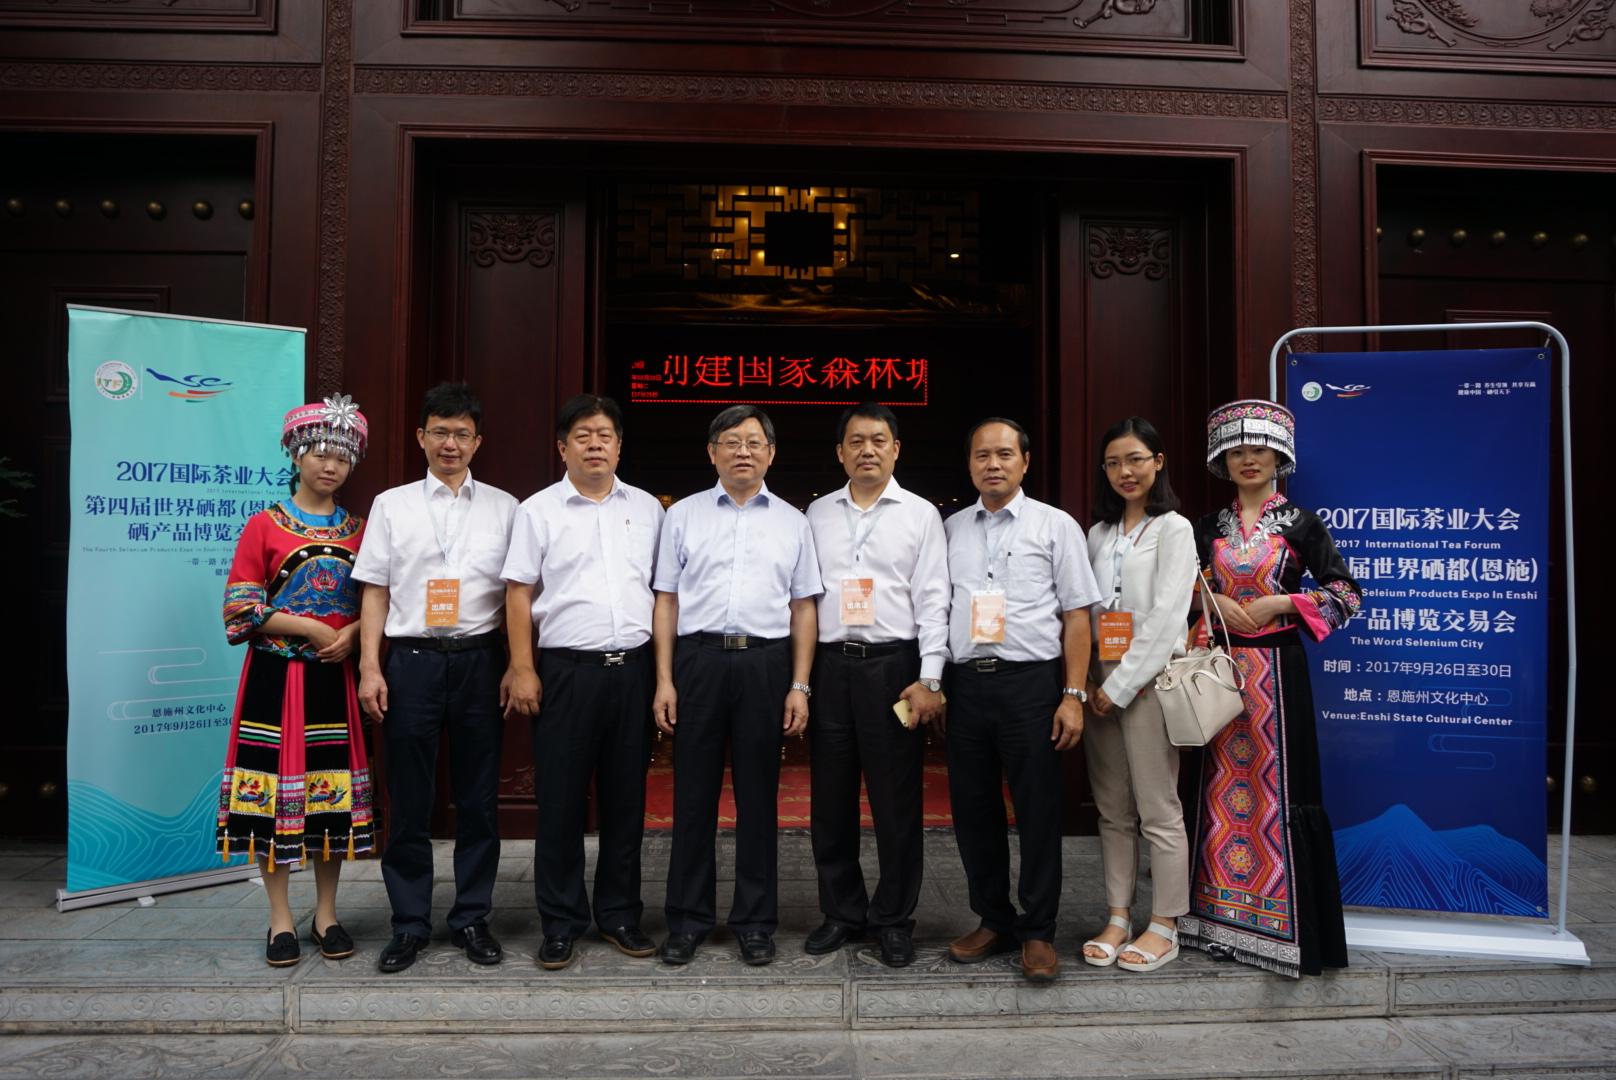 2017國際茶業大會 中國茶文化國際交流協會 劉偉忠 吳志斌 張士康 江用文 王岳飛